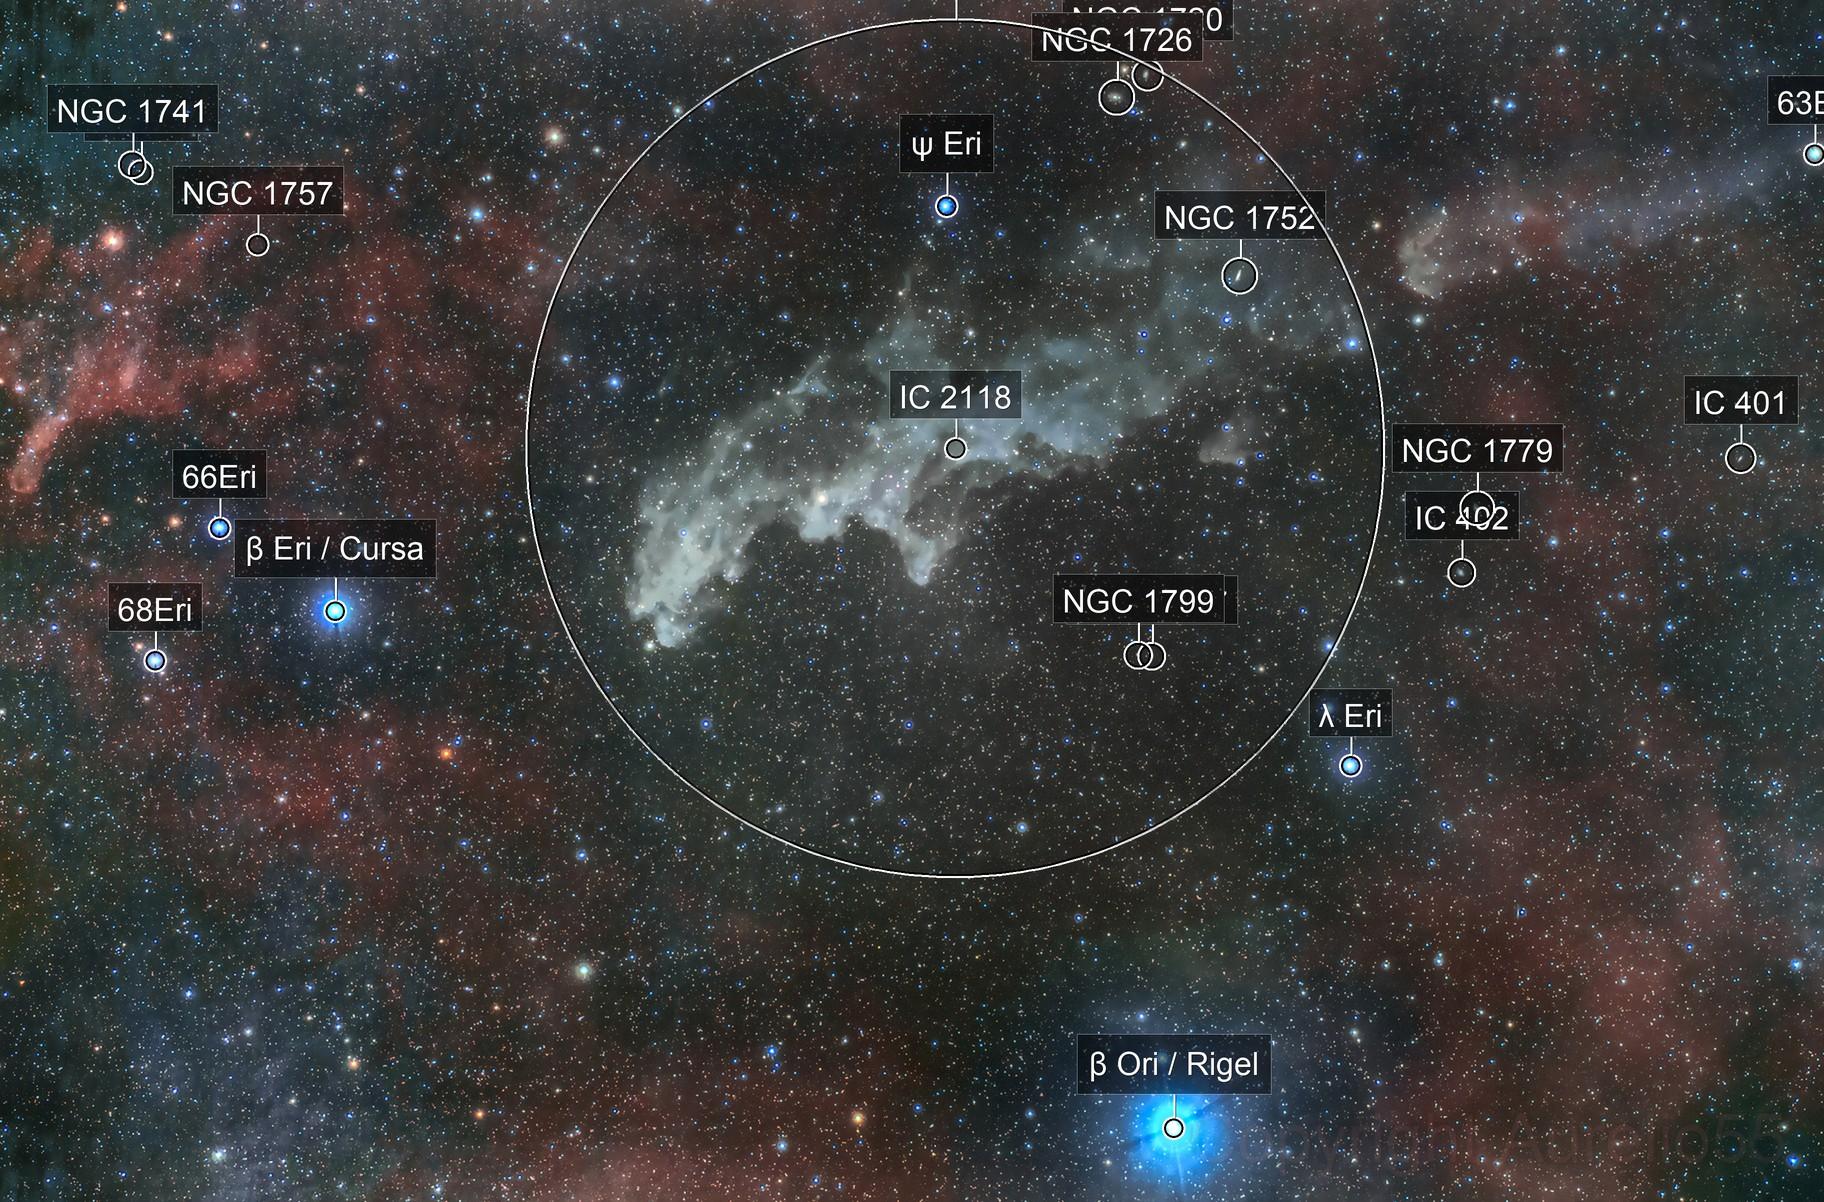 Witch Nebula, NGC 1909